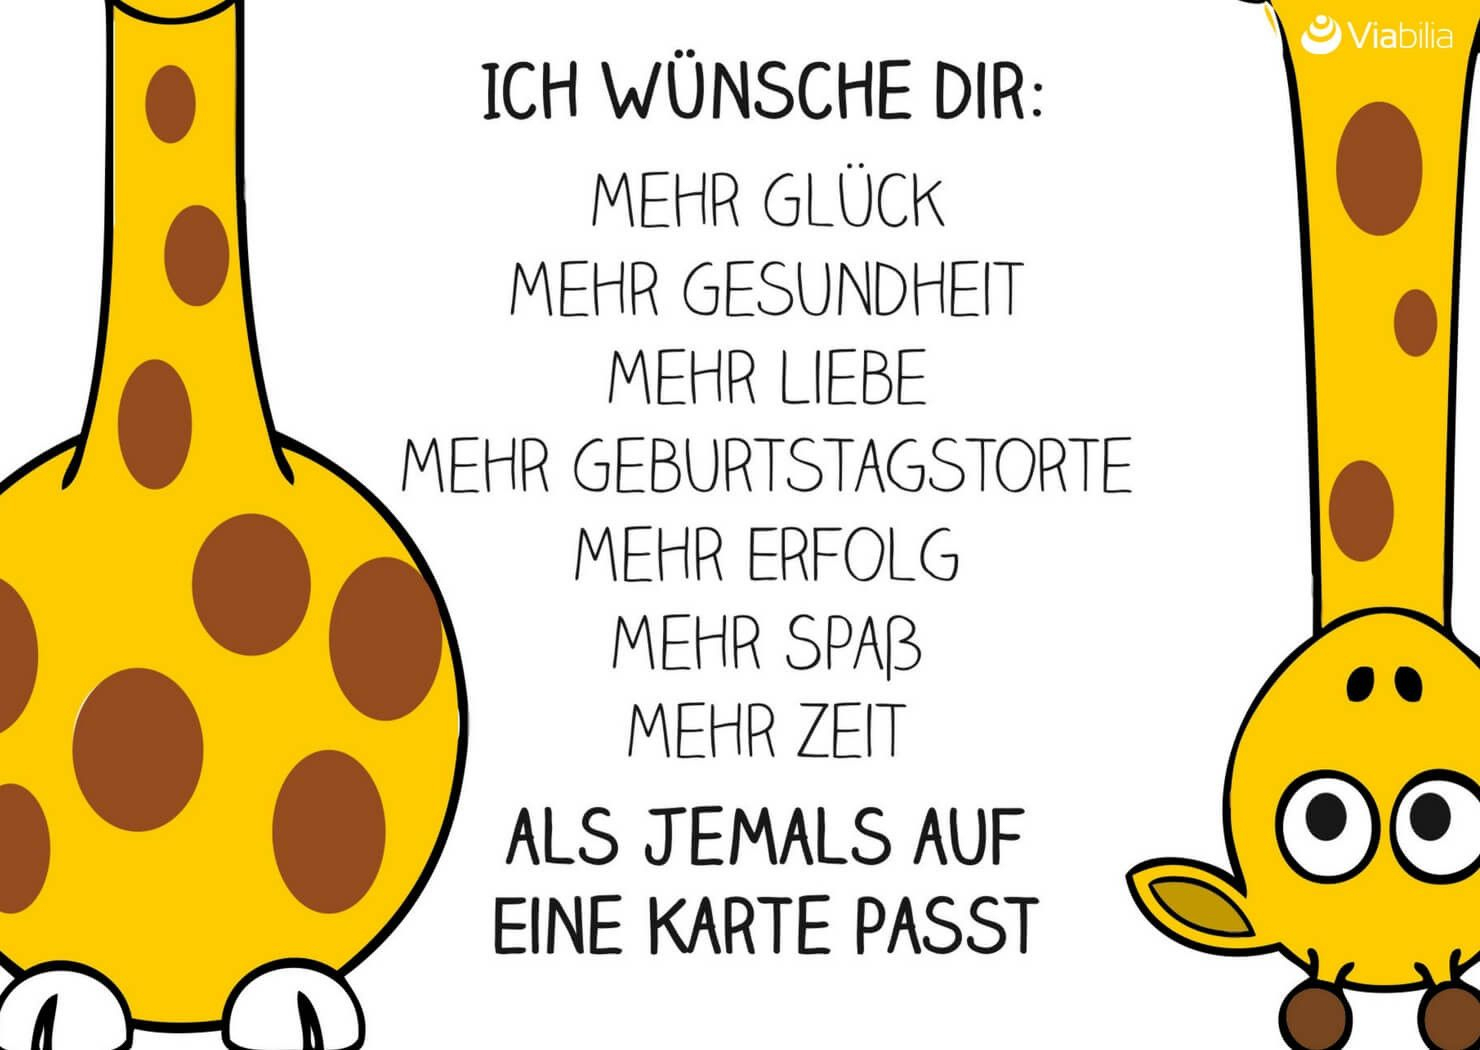 Geburtstagskarten Online Versenden Gratis Fresh ganzes Geburtstagskarte Online Kostenlos